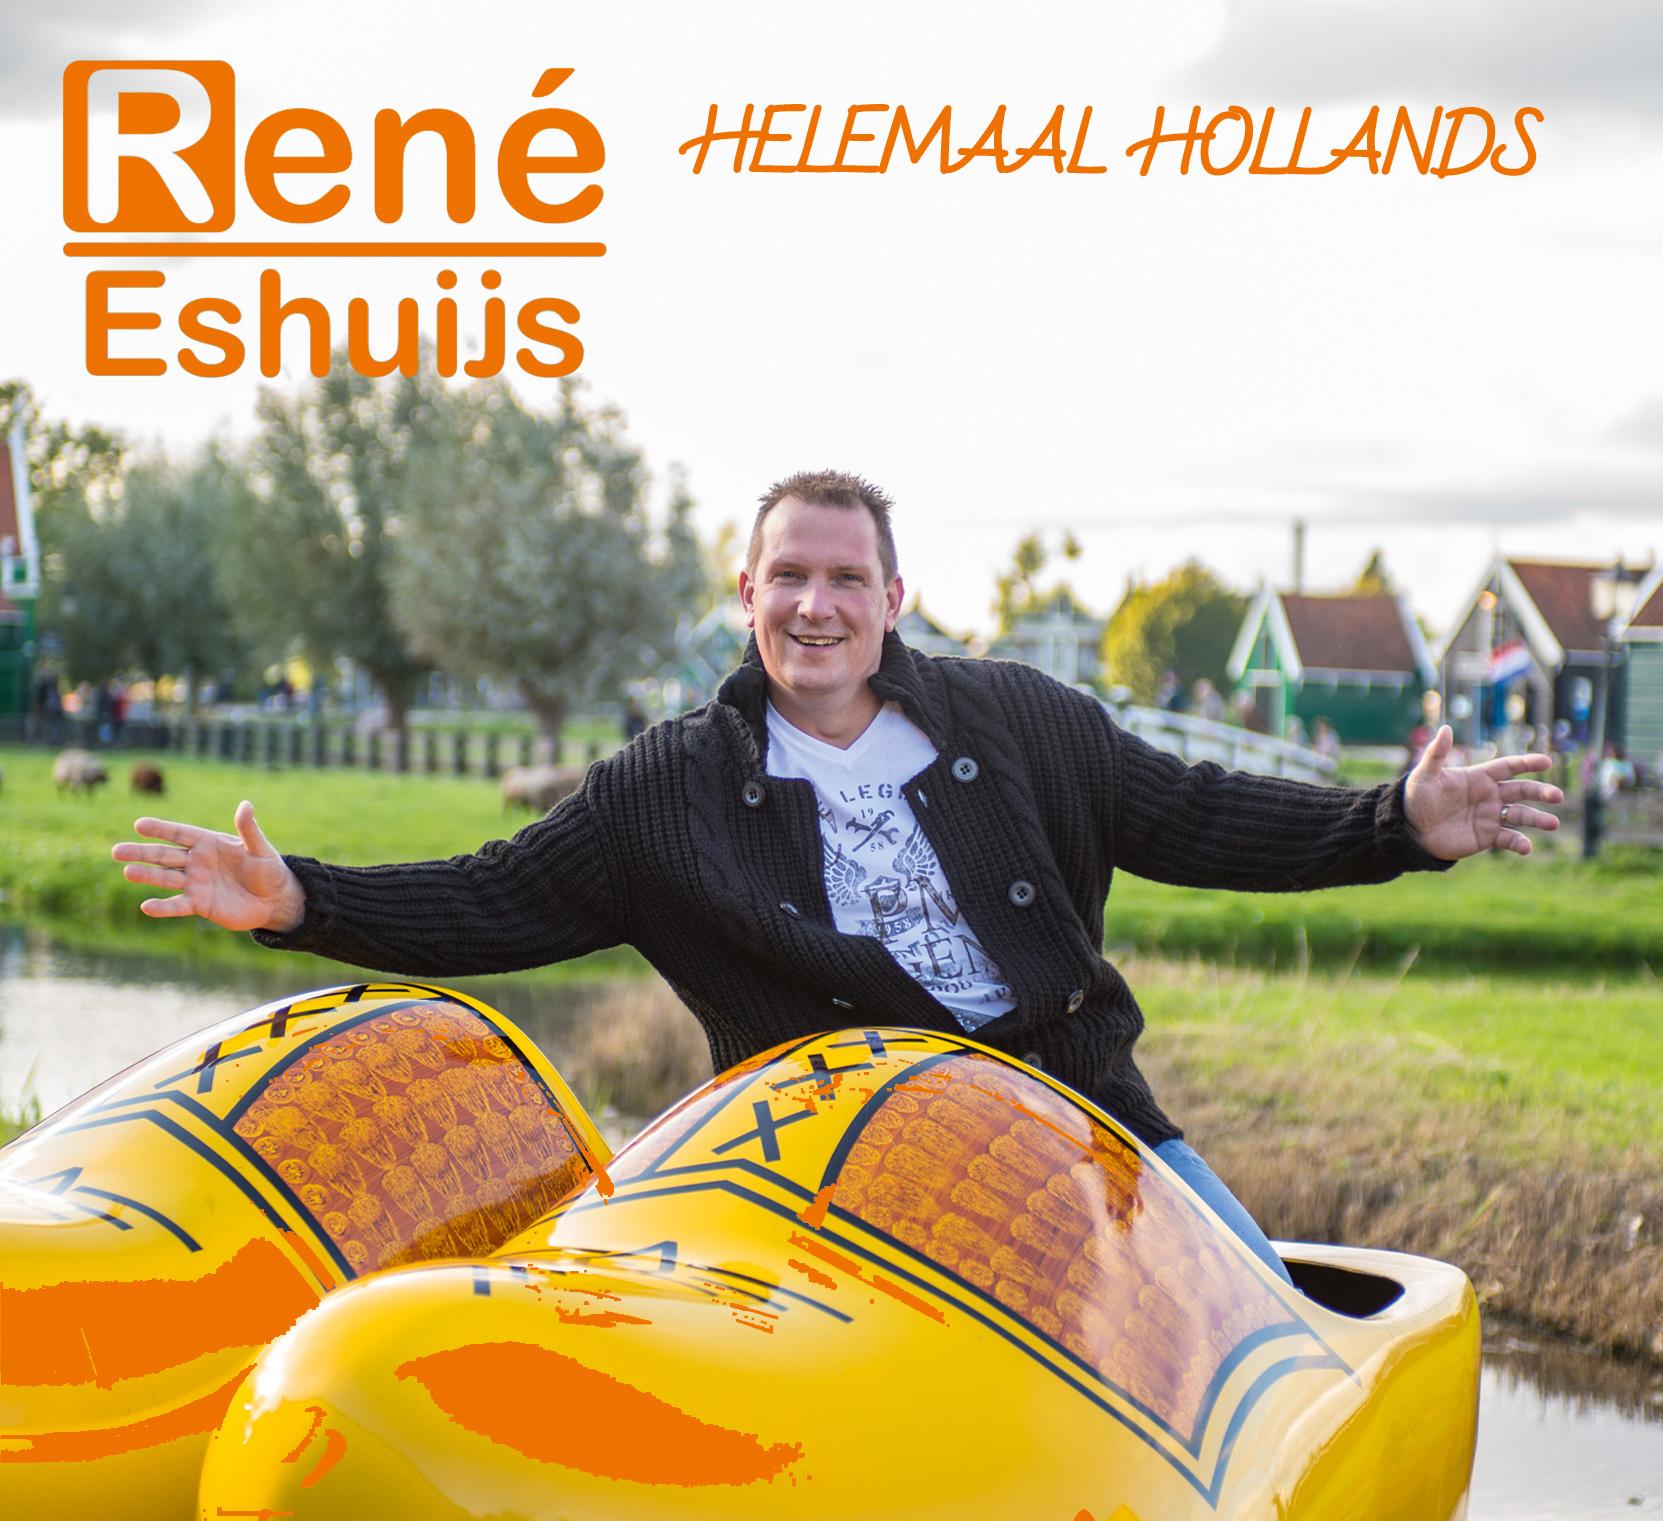 rene eshuijs helemaal hollands